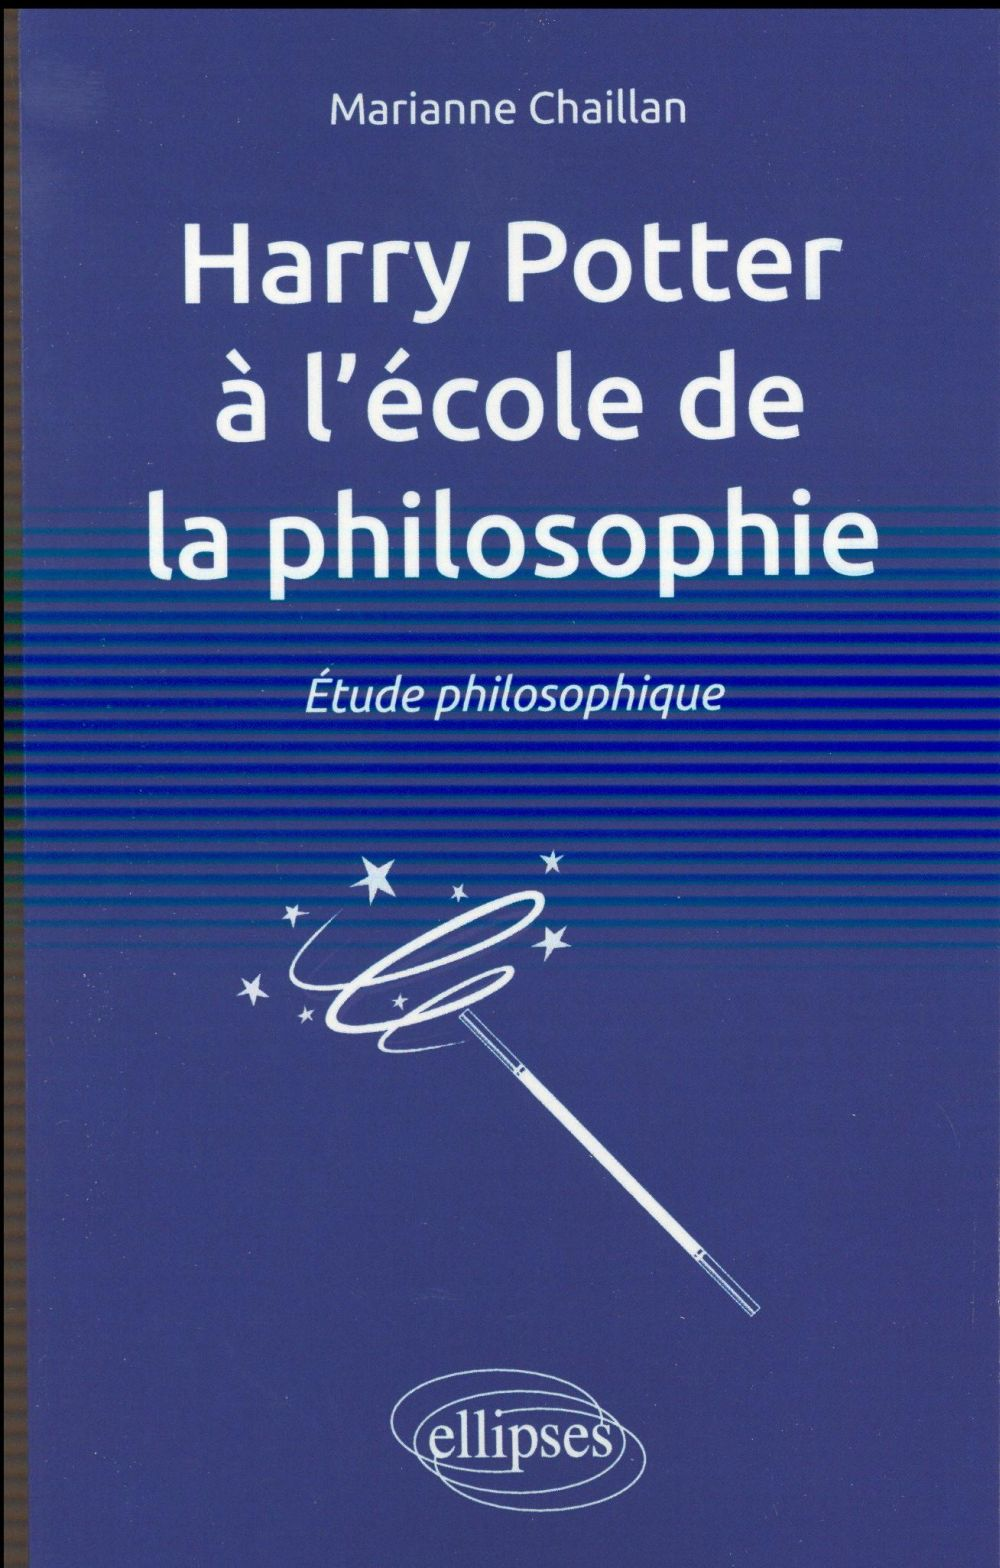 Harry potter a l ecole de la philosophie. etude philosophique